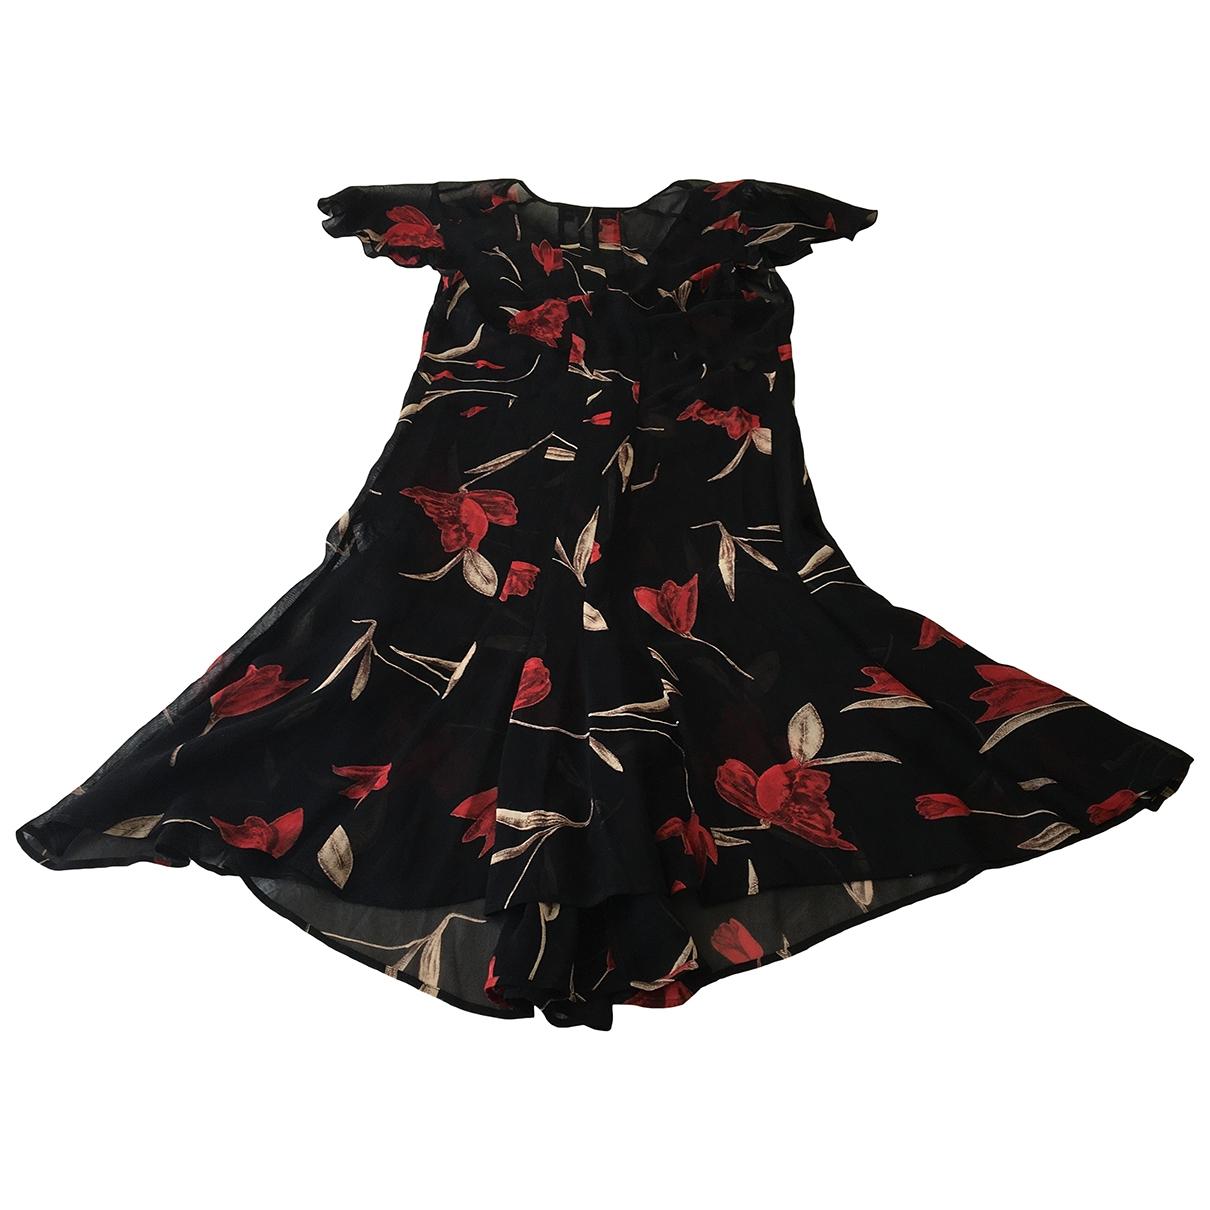 Sonia Rykiel \N Kleid in  Bunt Viskose